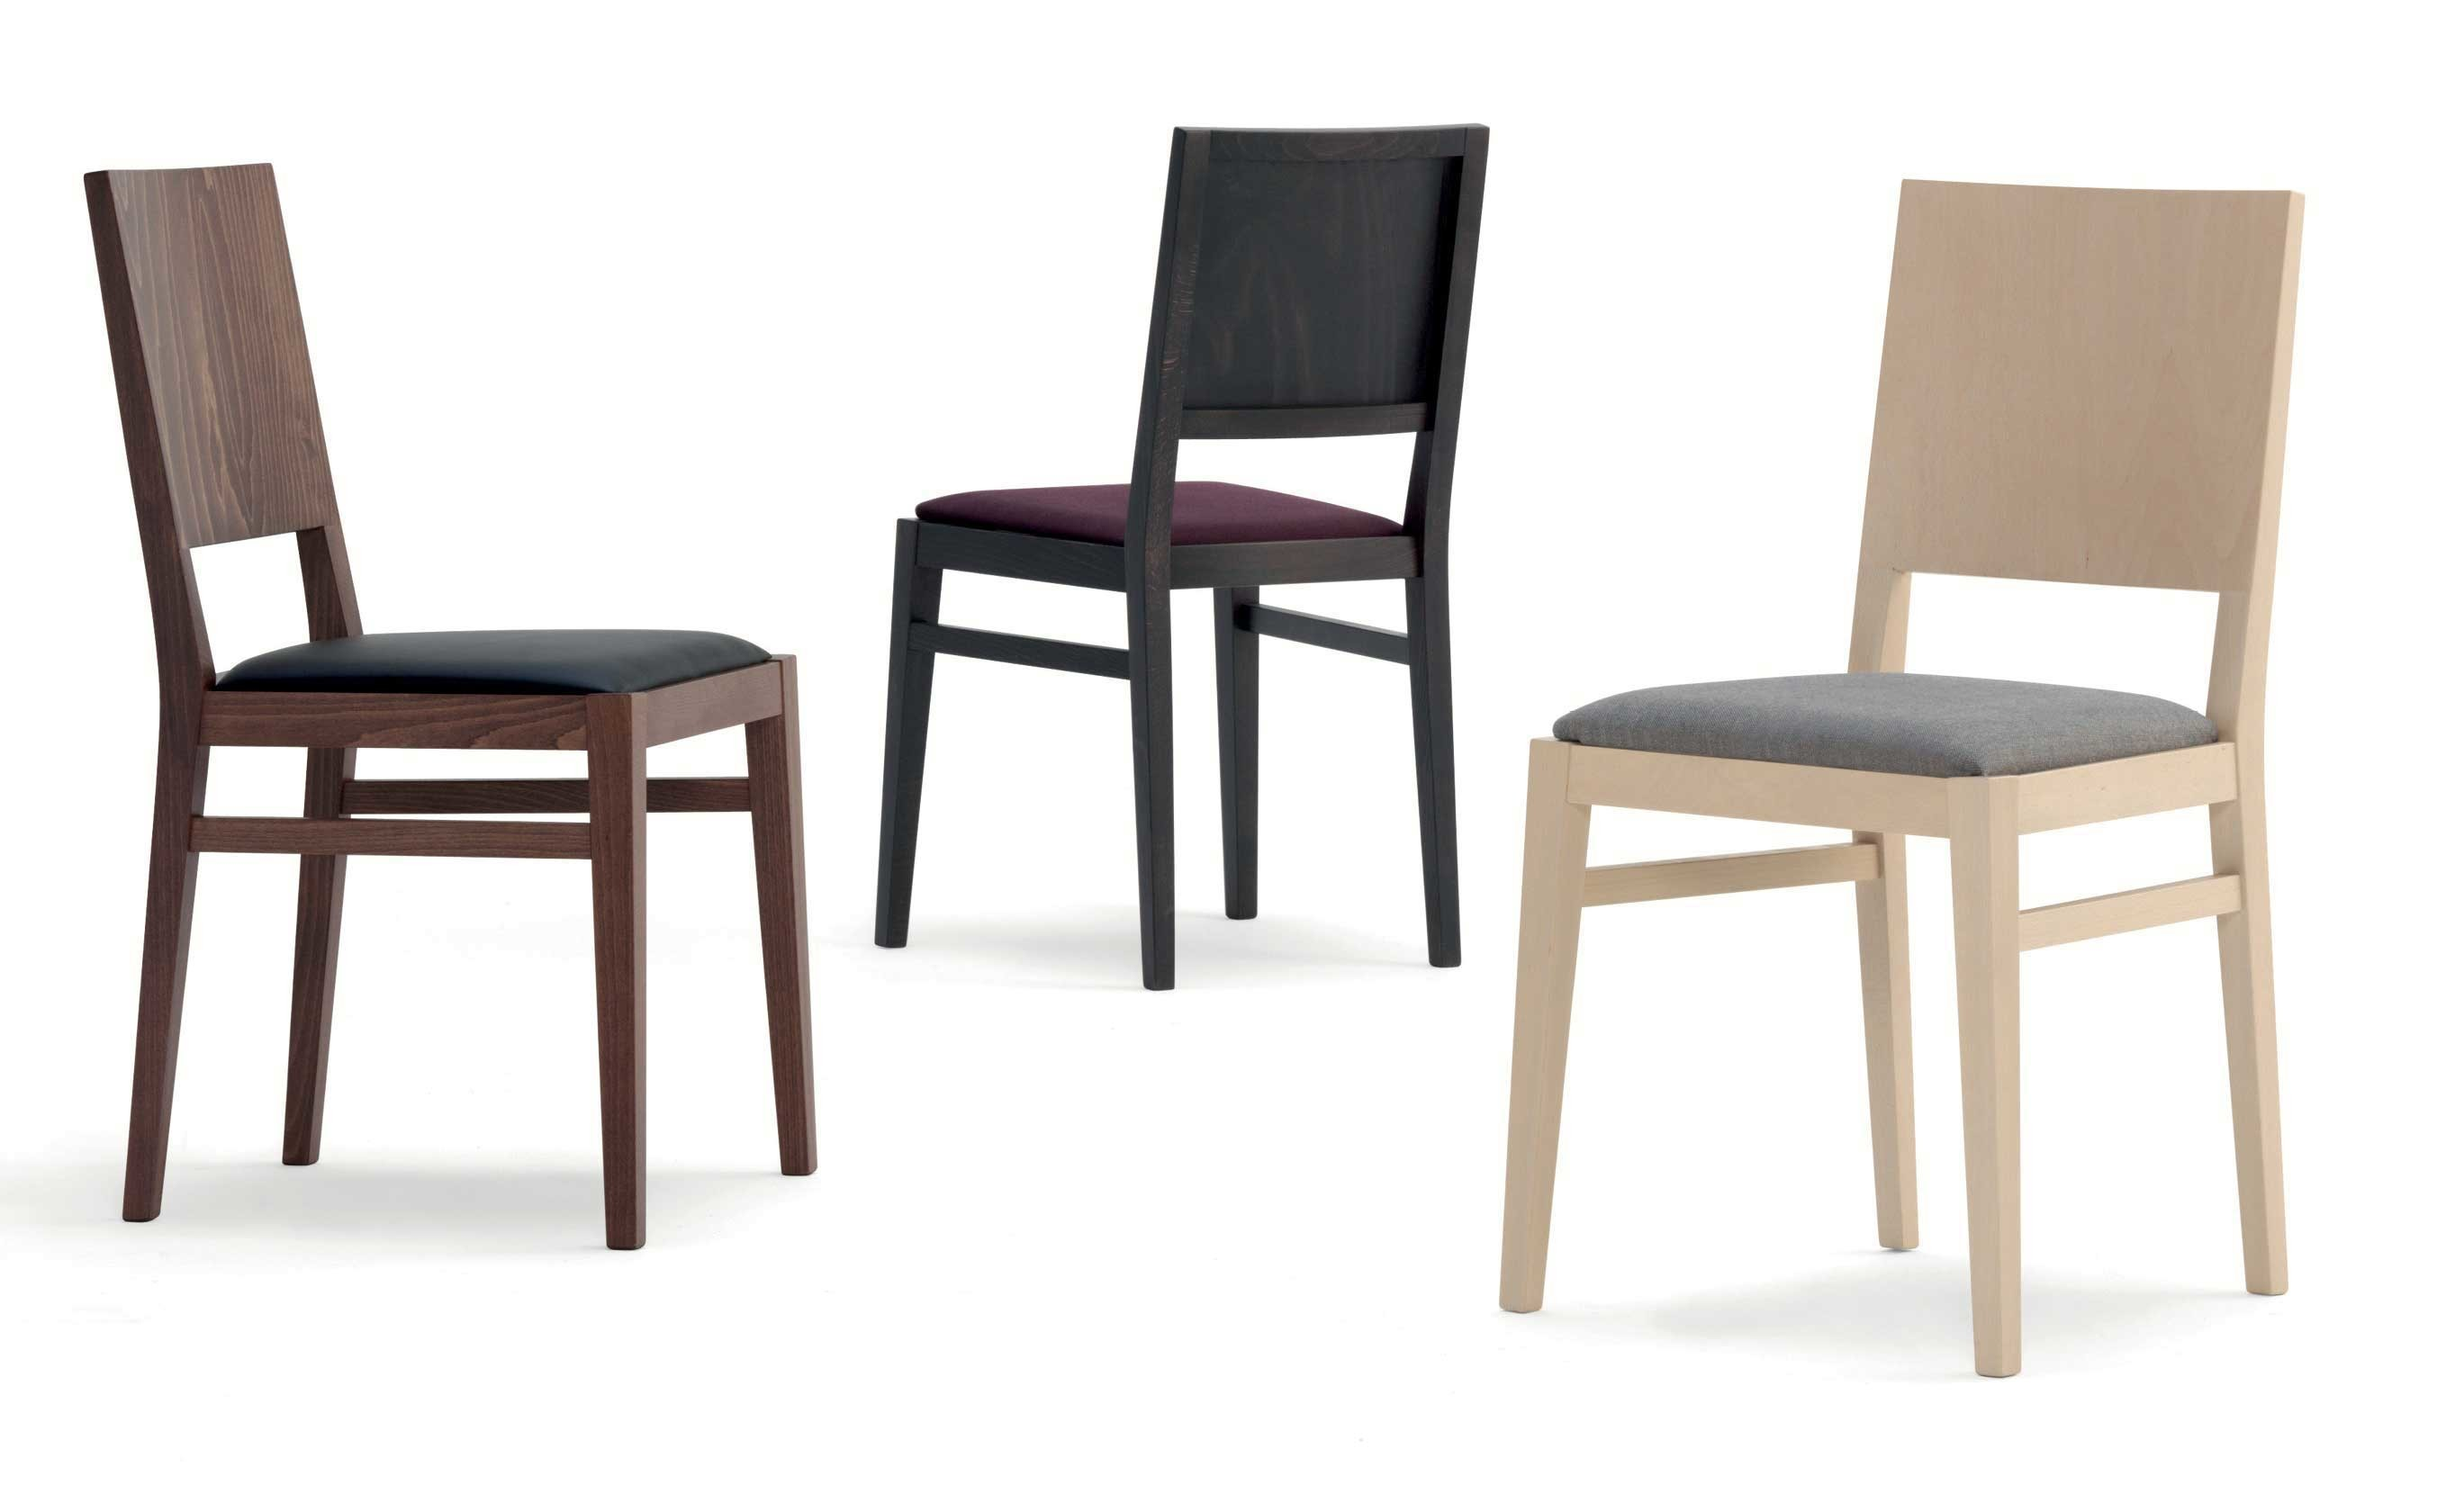 Sedie In Legno Imbottite : Laura sedia in legno con seduta imbottita o in massello u agapè